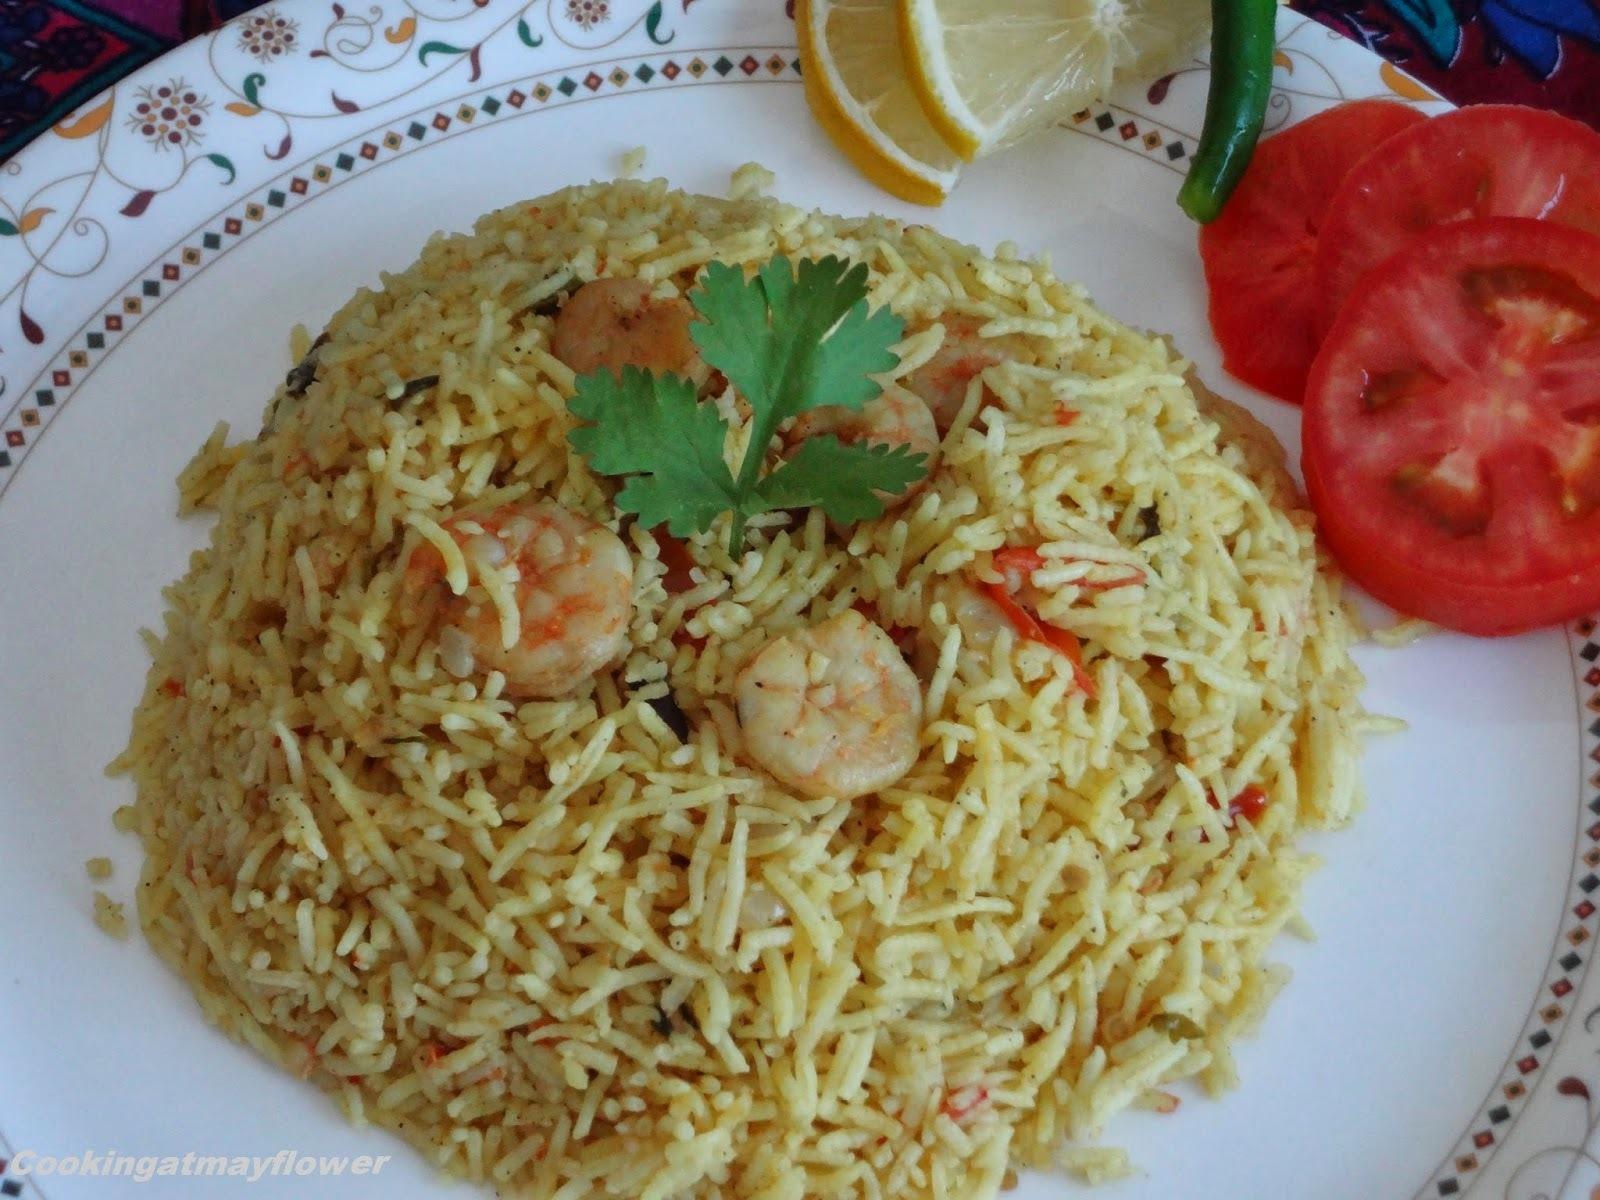 Jaldi cooker pulao/ Prawns pulao/ lunchbox recipe